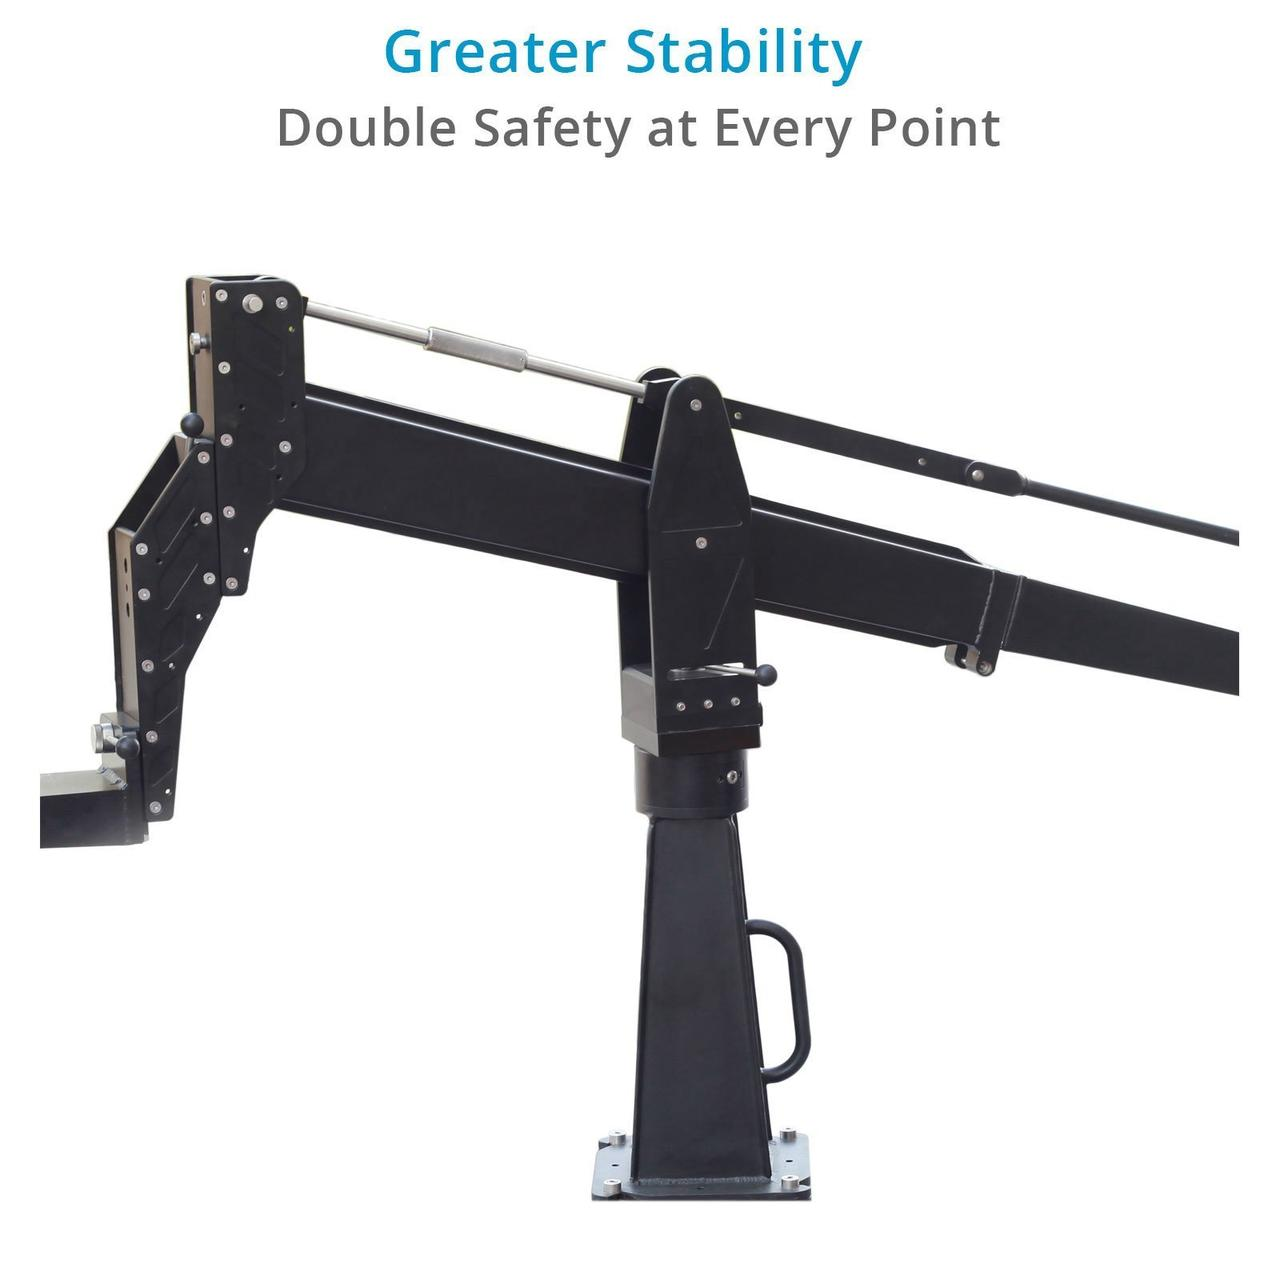 Proaim Sky-Dweller 10ft Camera Jib с платформой сиденья, тележкой Marshal и центральной колонной